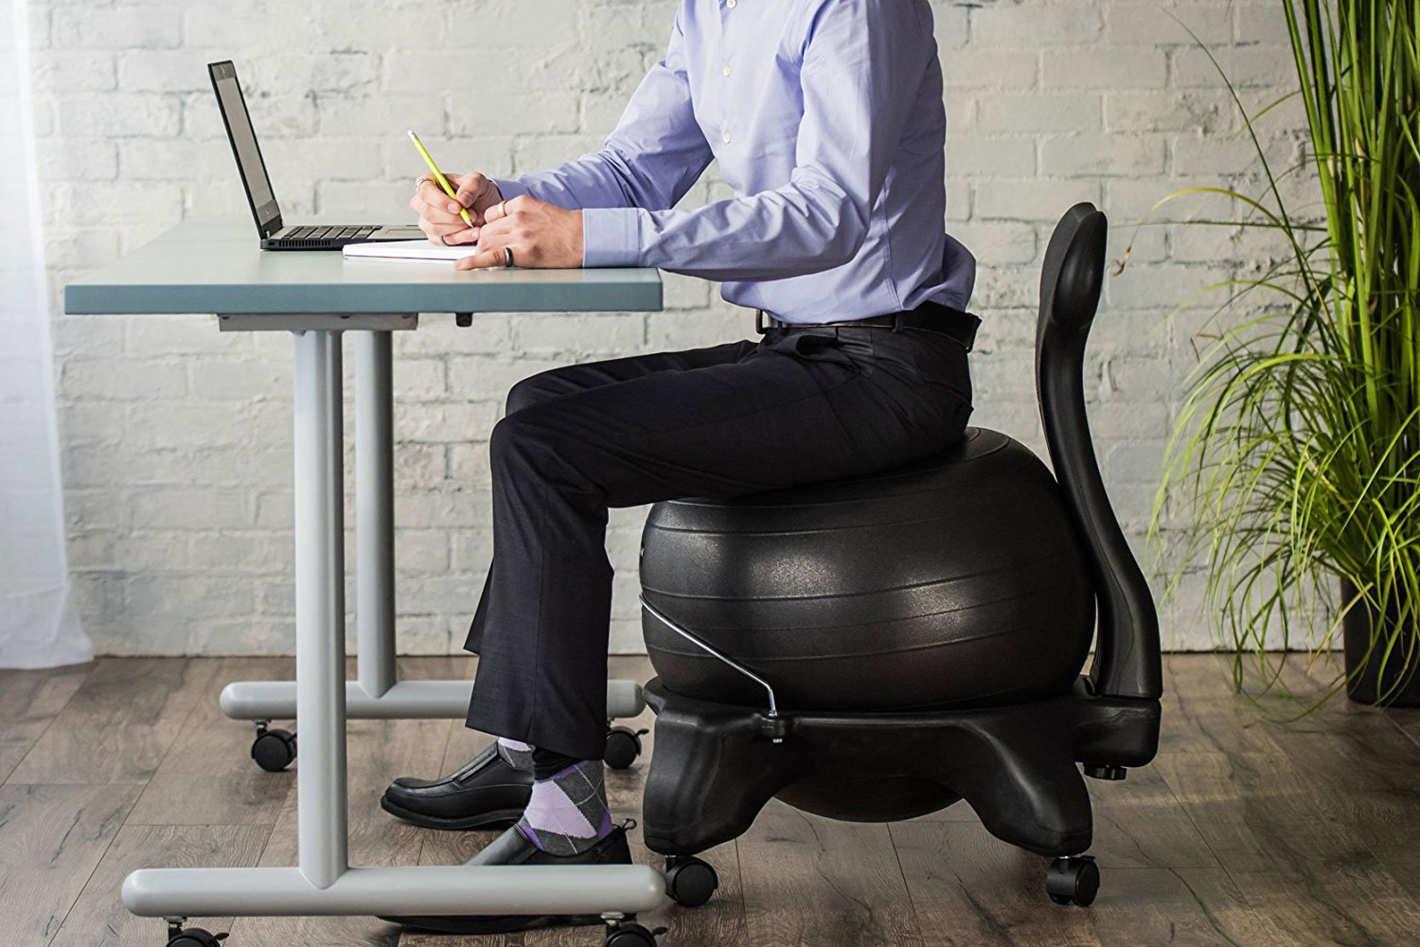 krzesło ergonomiczne dla kręgosłupa